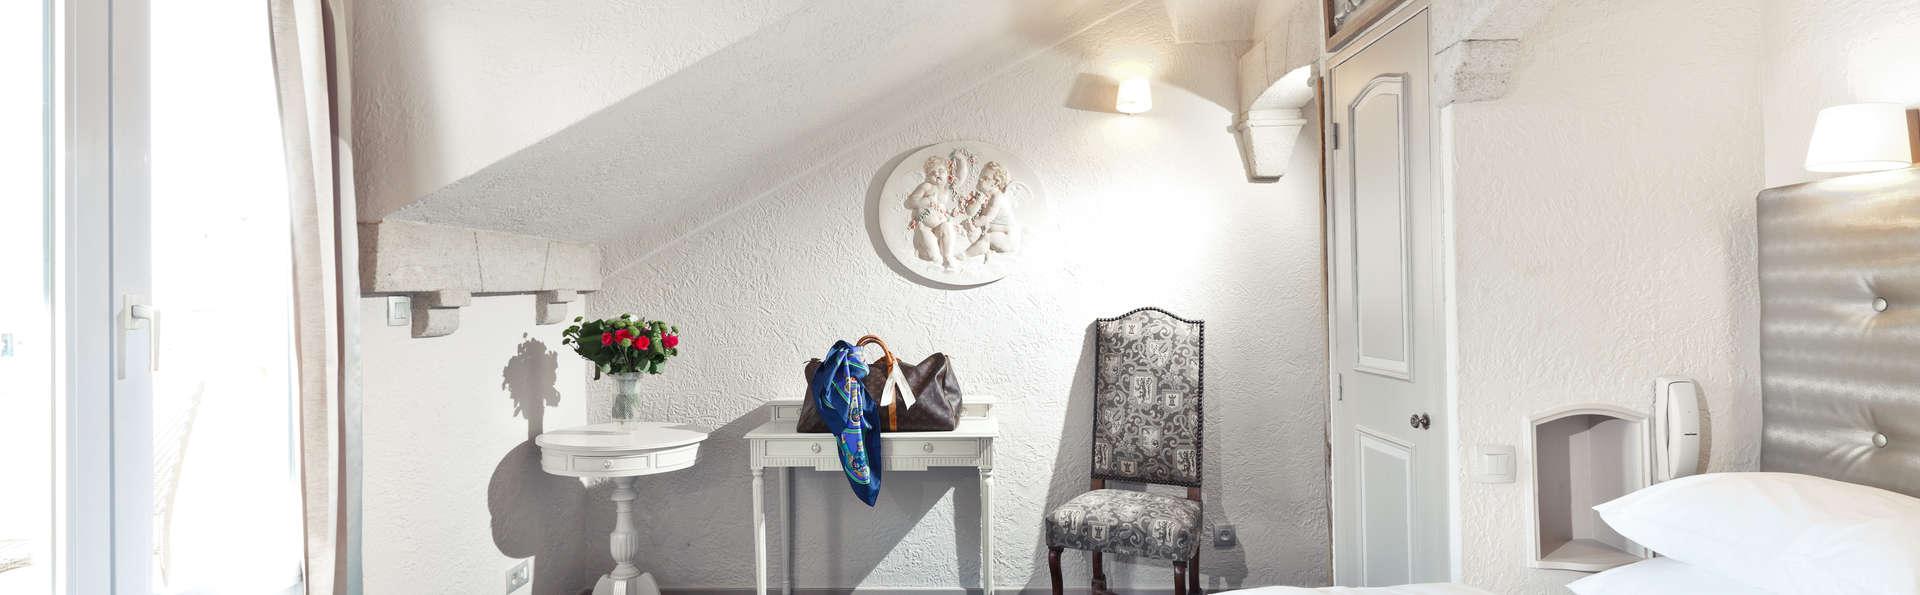 Week end romantique cannes avec surclassement de la chambre partir de 156 for Chambre romantique paca